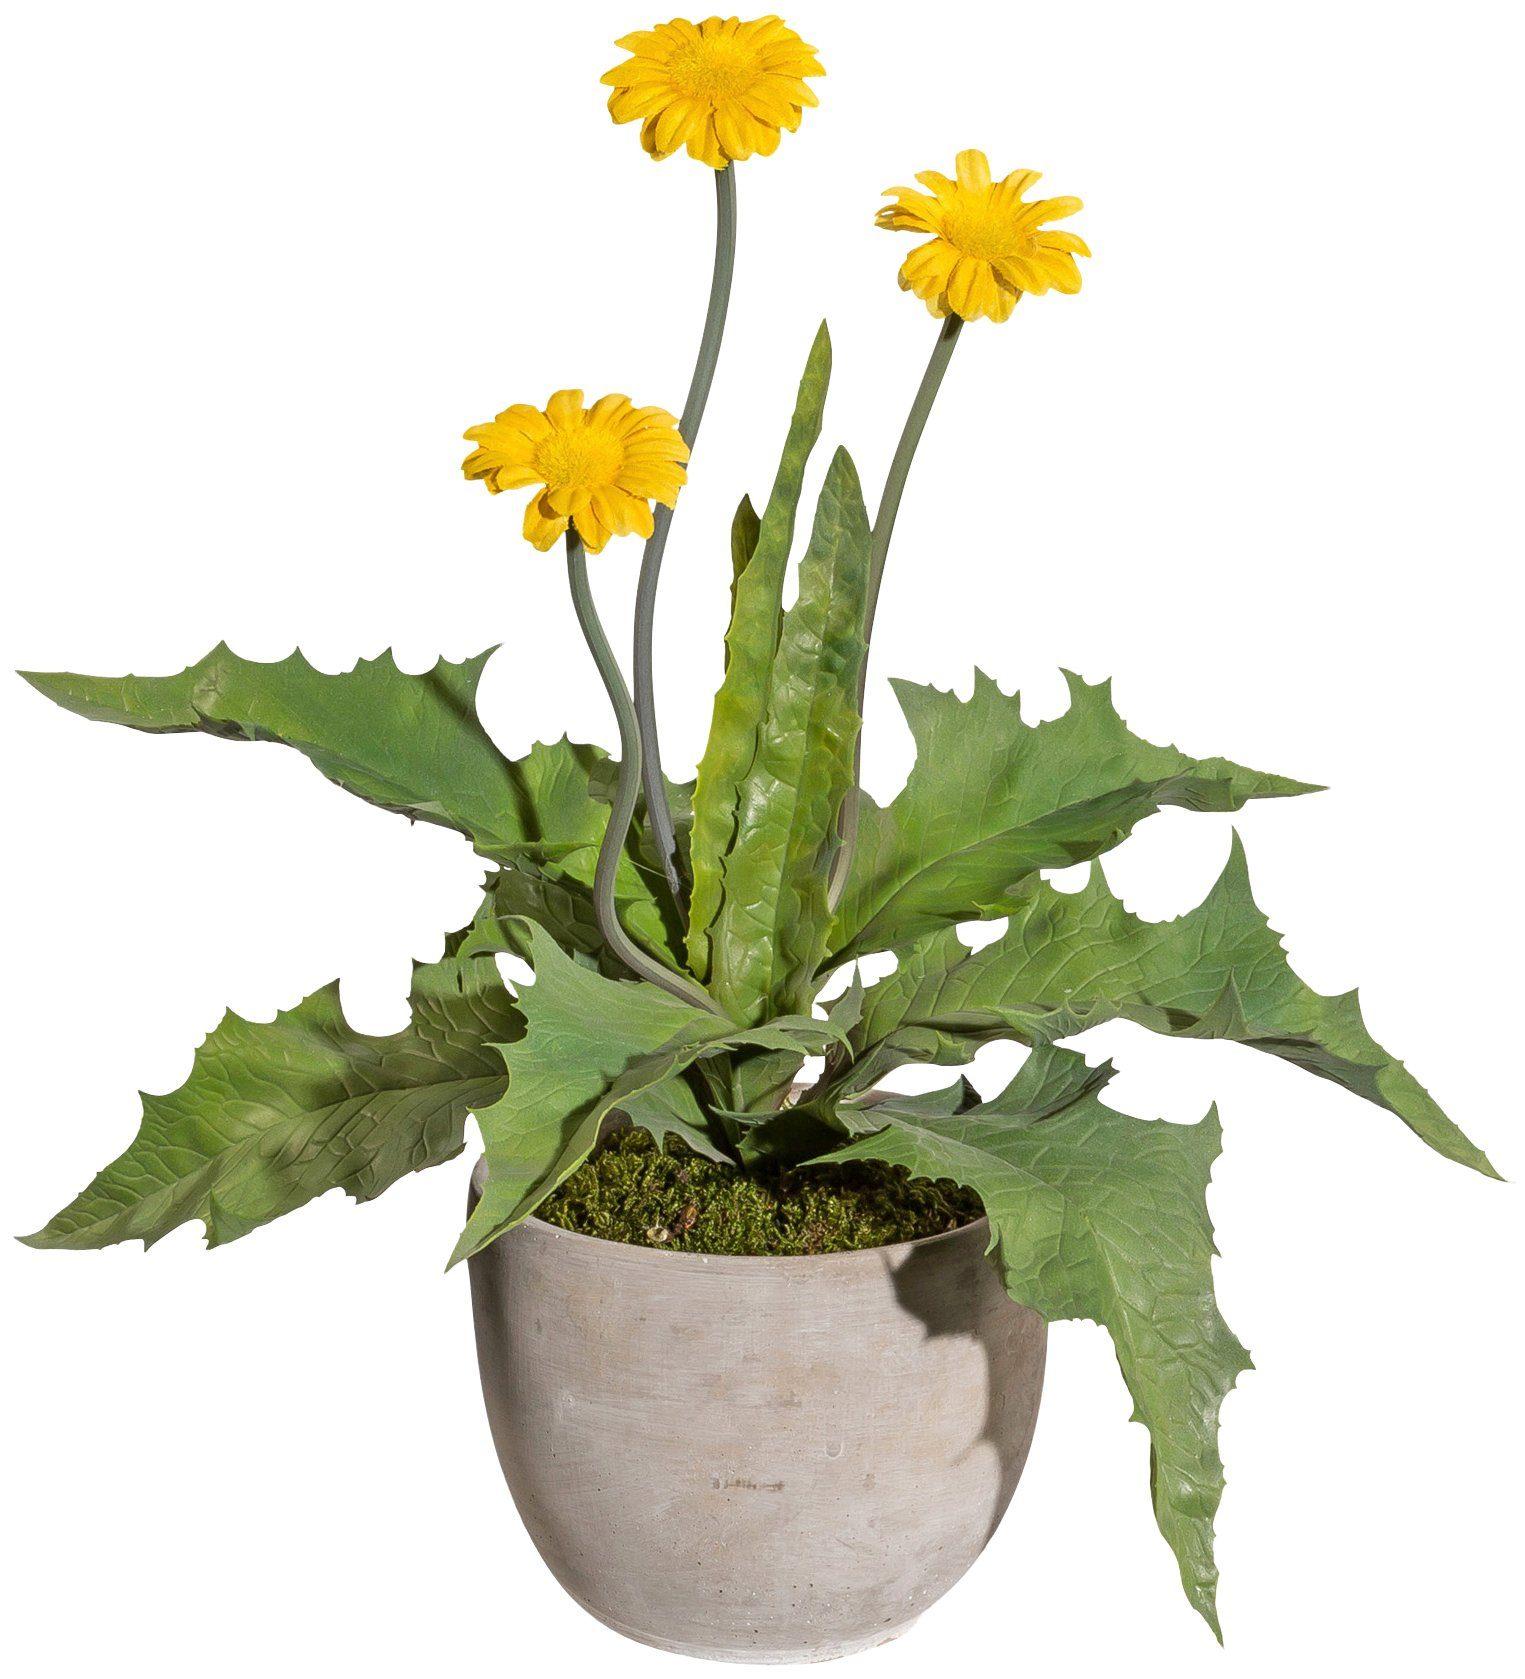 Kunstpflanze »Margerite«, im Zementtopf, Höhe 35 cm, gelb